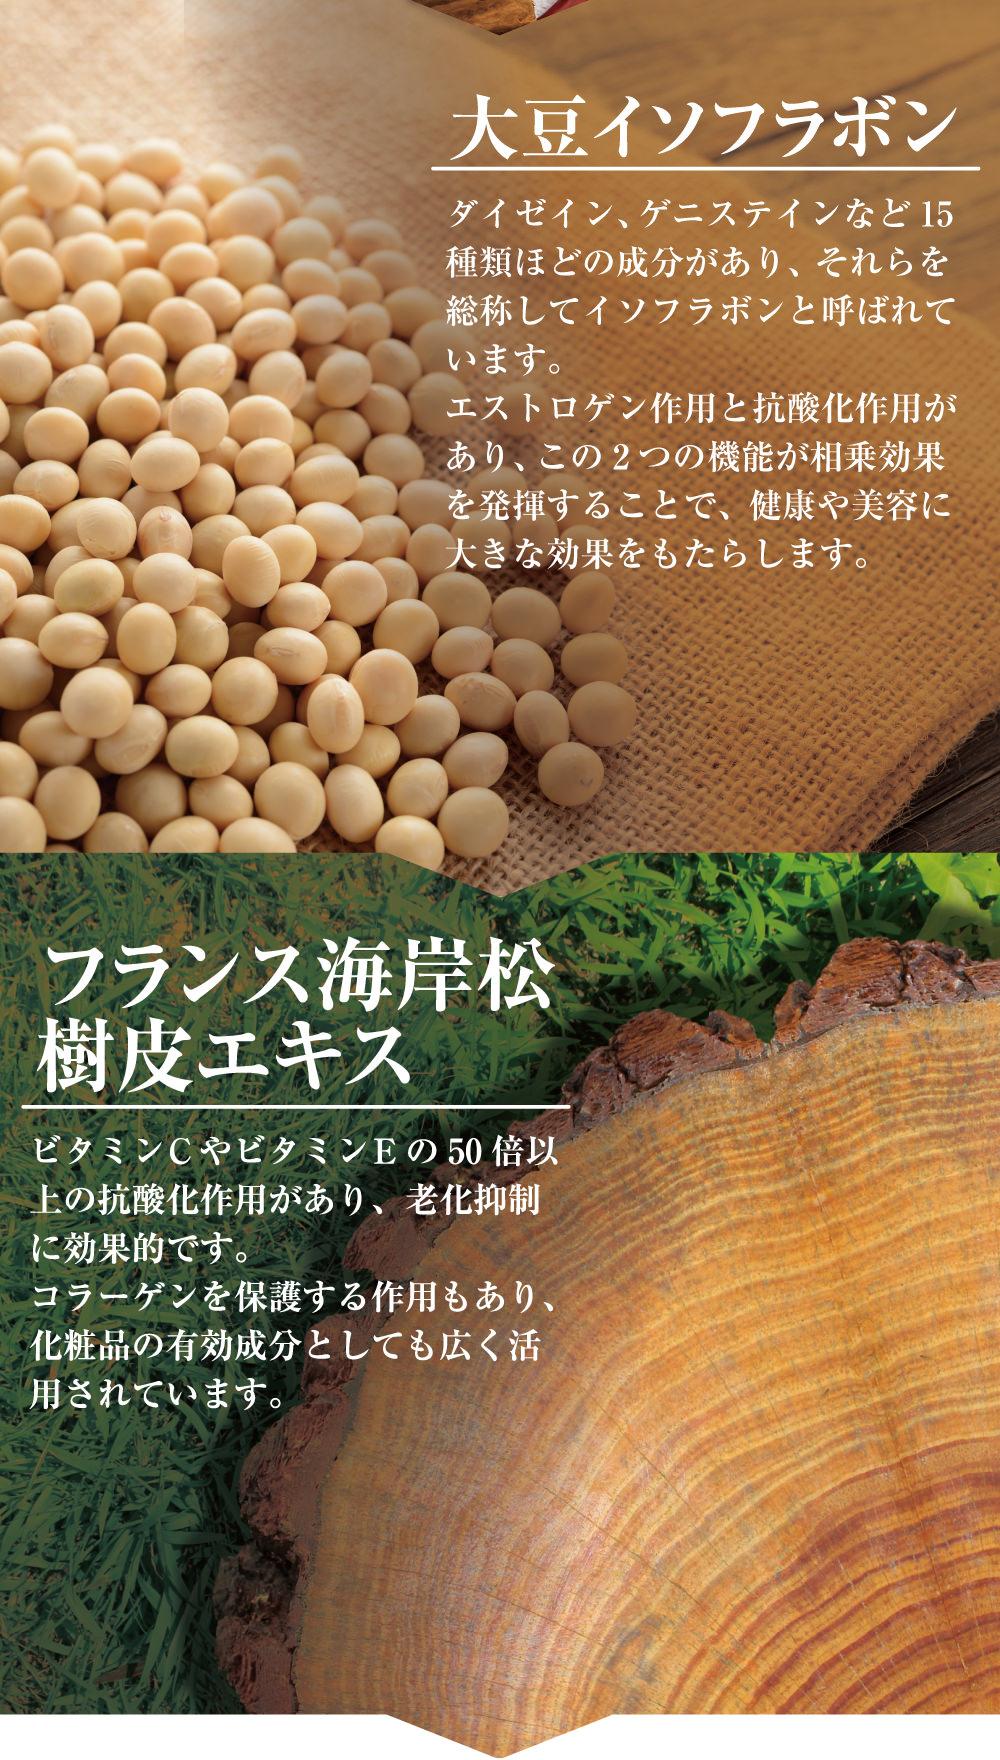 大豆イソフラボ。エストロゲン様作用と抗酸化作用の機能が相乗効果を発揮することで大きな効果をもたらします!フランス海岸松樹皮エキス。ビタミンCやビタミンEの50倍以上の抗酸化作用があり、老化抑制に効果的です。コラーゲンを保護する作用もあり、化粧品の有効成分として広く活用されています。